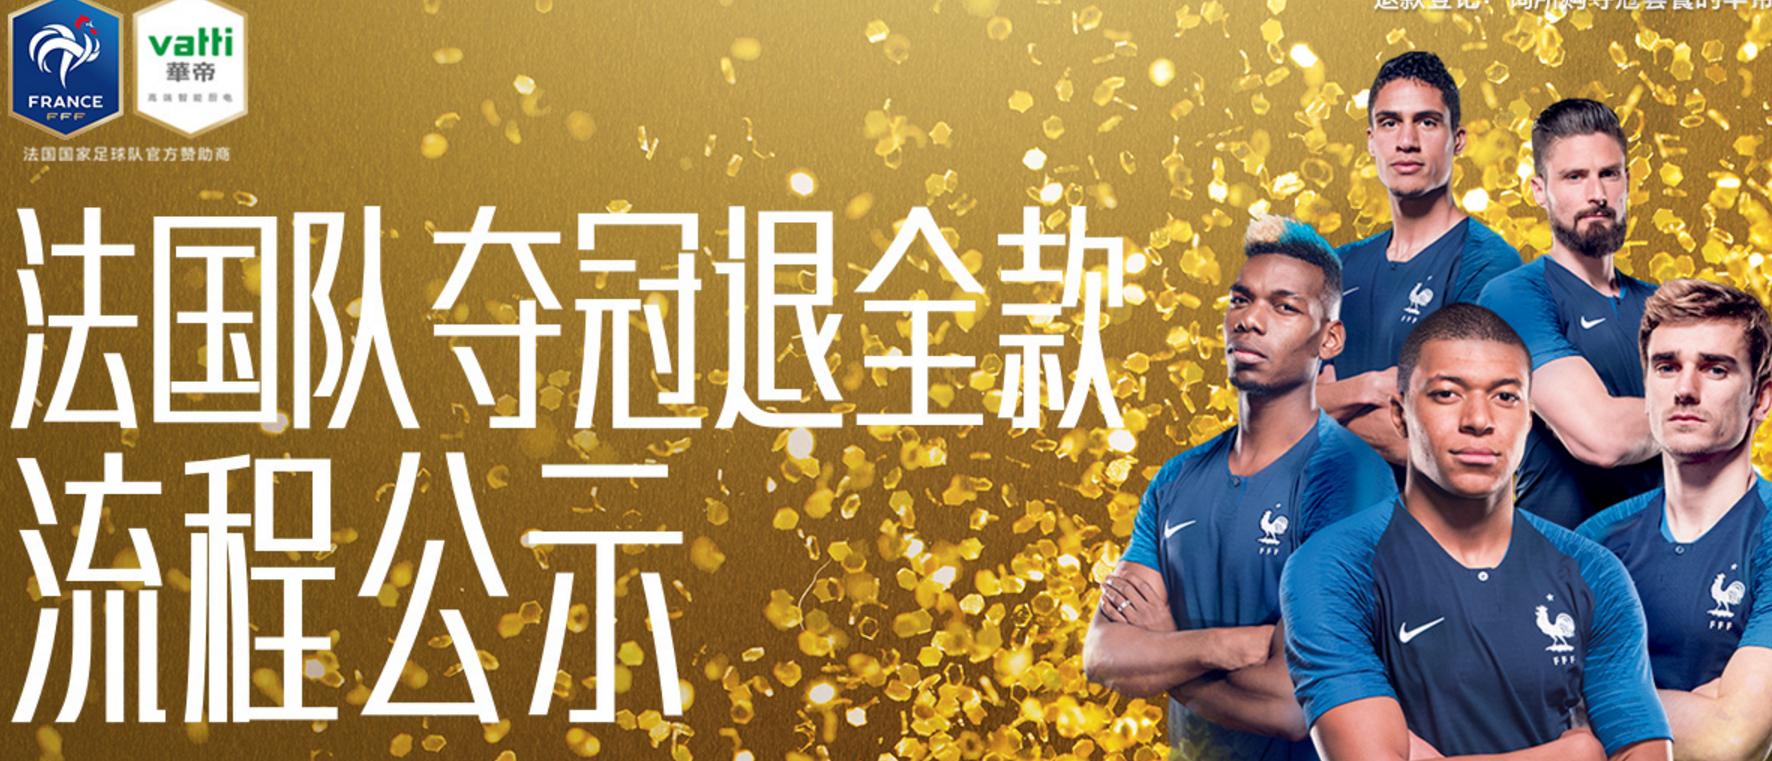 毒案例:新晋网红华帝股份火爆世界杯的秘诀 卖足了参与感!